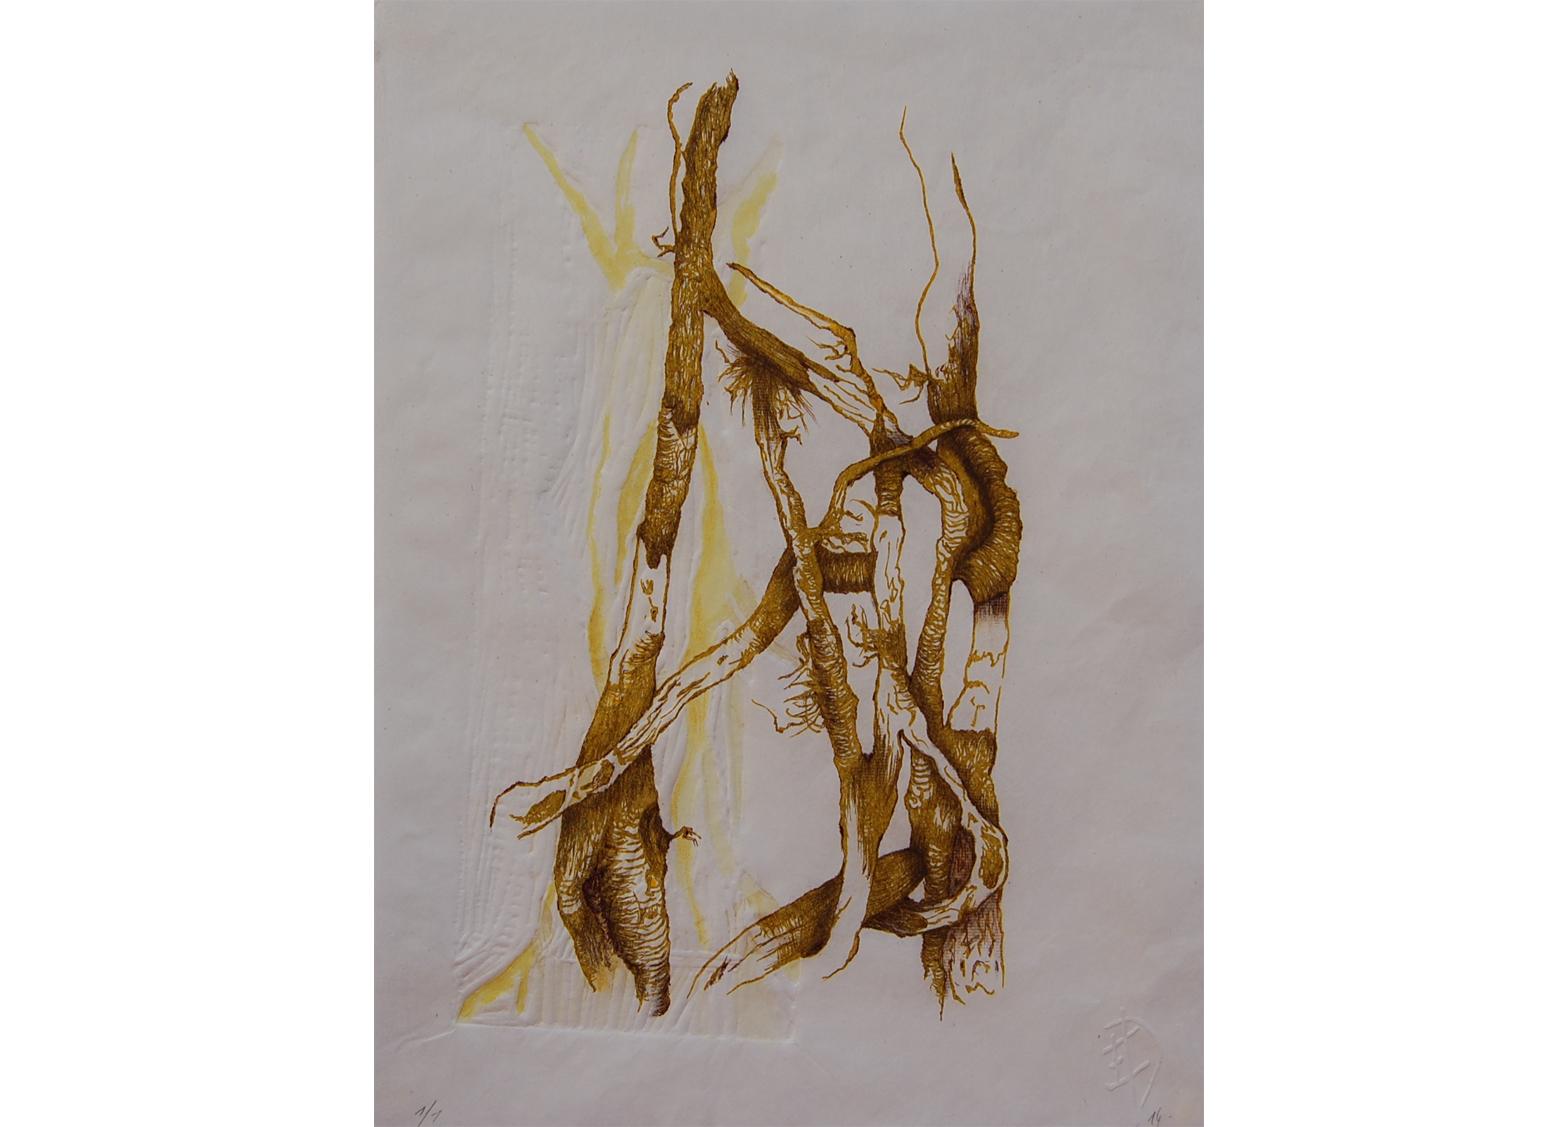 S'enlierrer, lithographie, gaufrage et réhauts à l'aquarelle et graphites, 20 x 30 cm